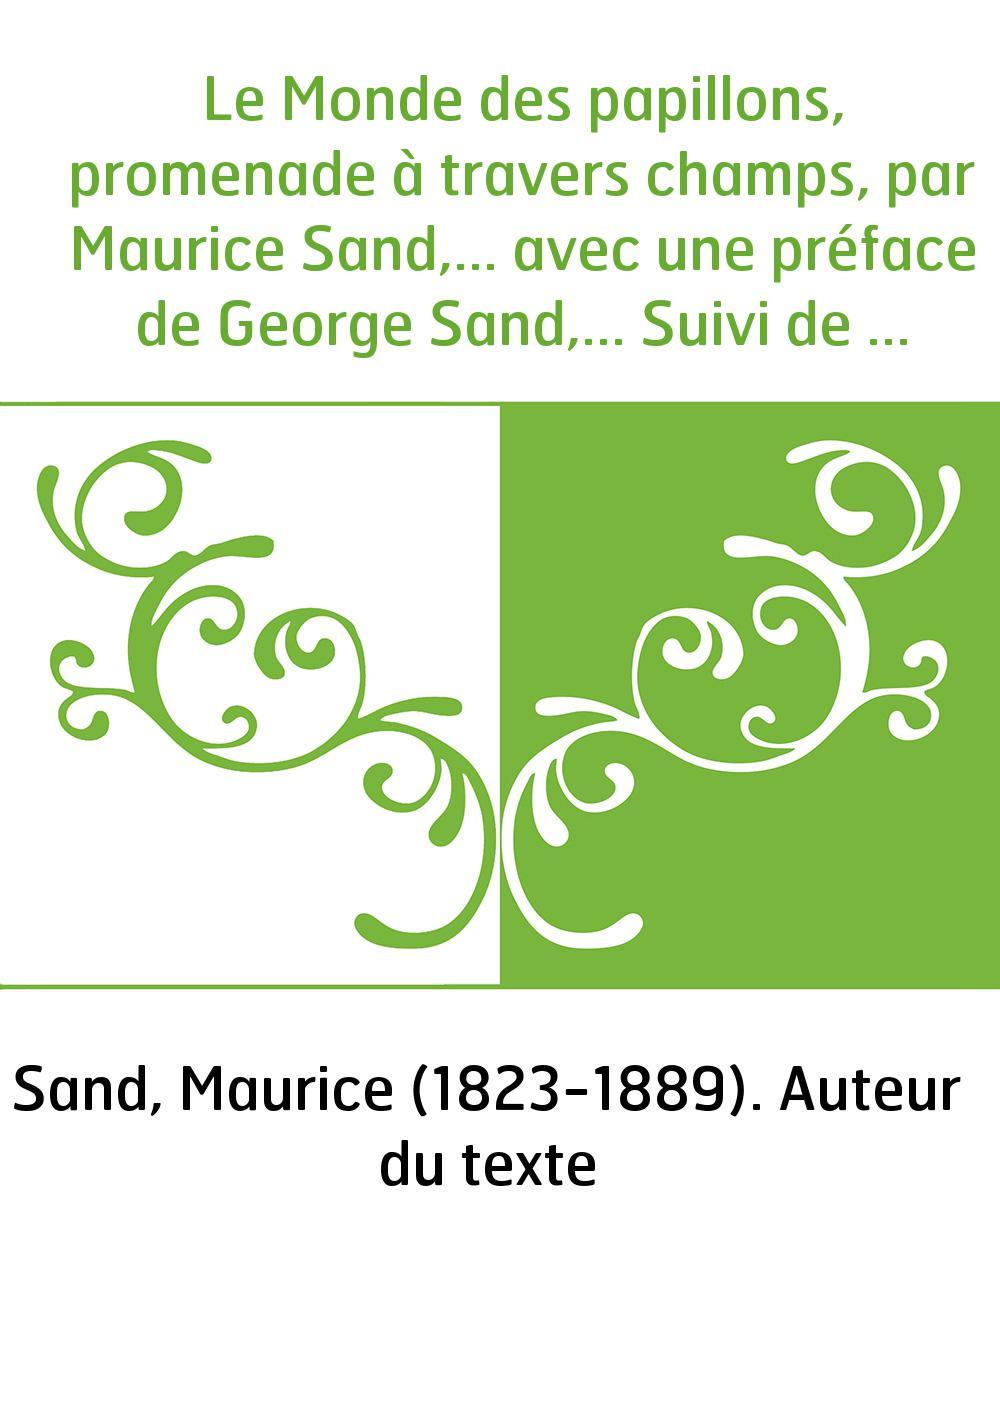 Le Monde des papillons, promenade à travers champs, par Maurice Sand,... avec une préface de George Sand,... Suivi de l'histoire